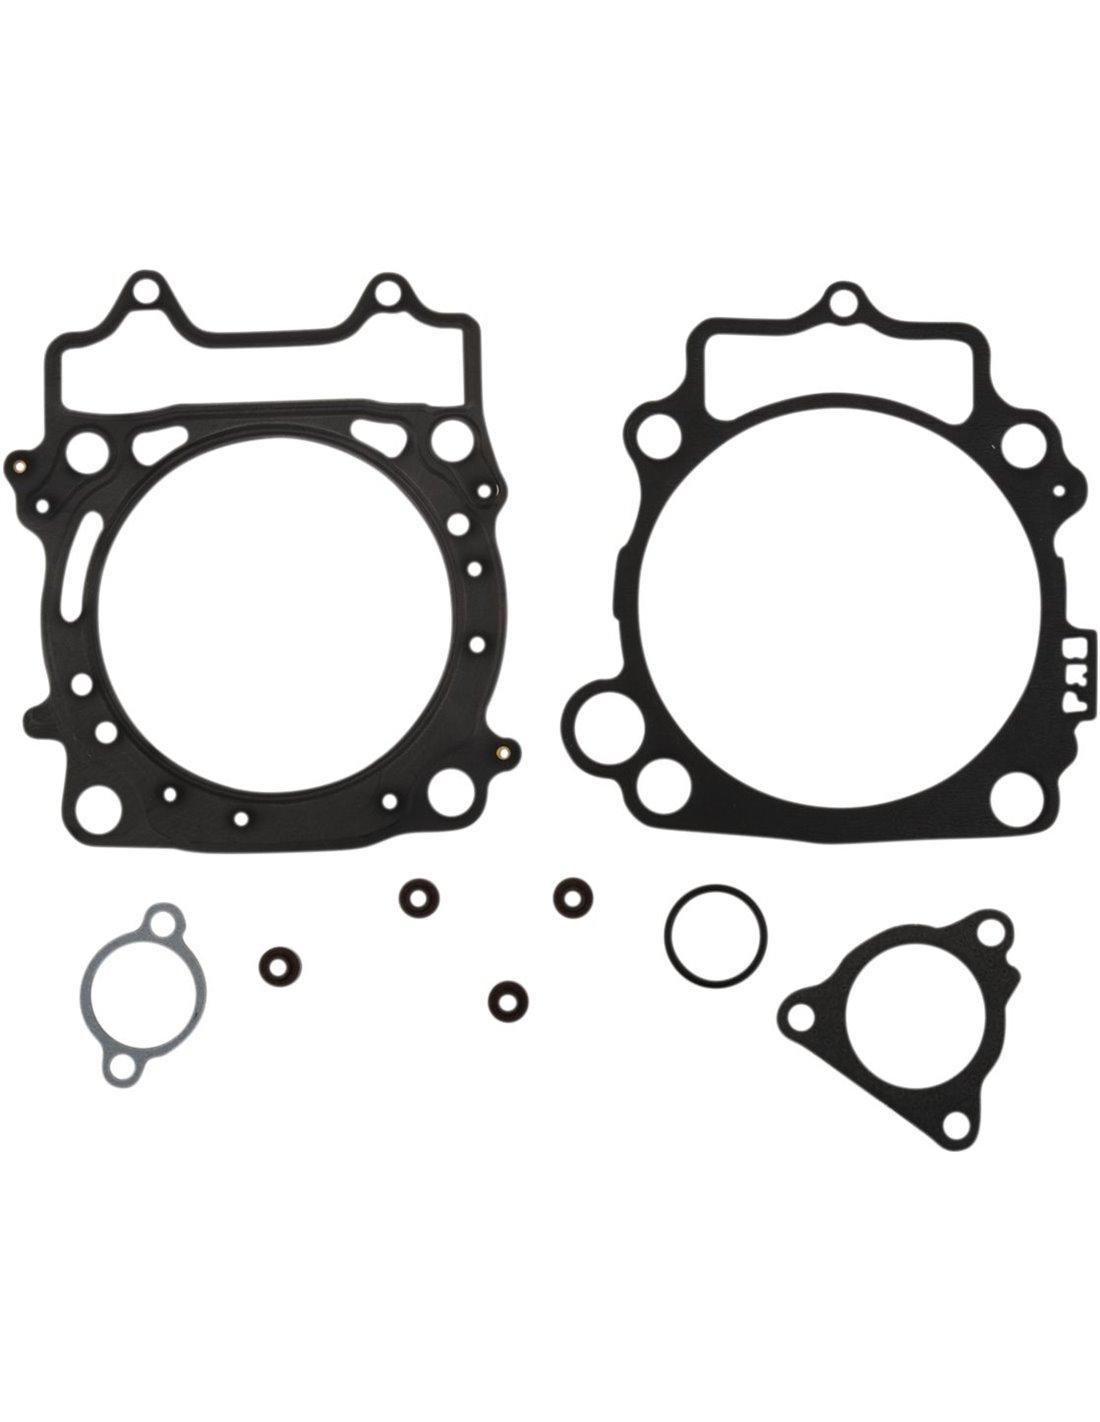 Kit Reparación de Carburador KTM 250 SXF 2005-10